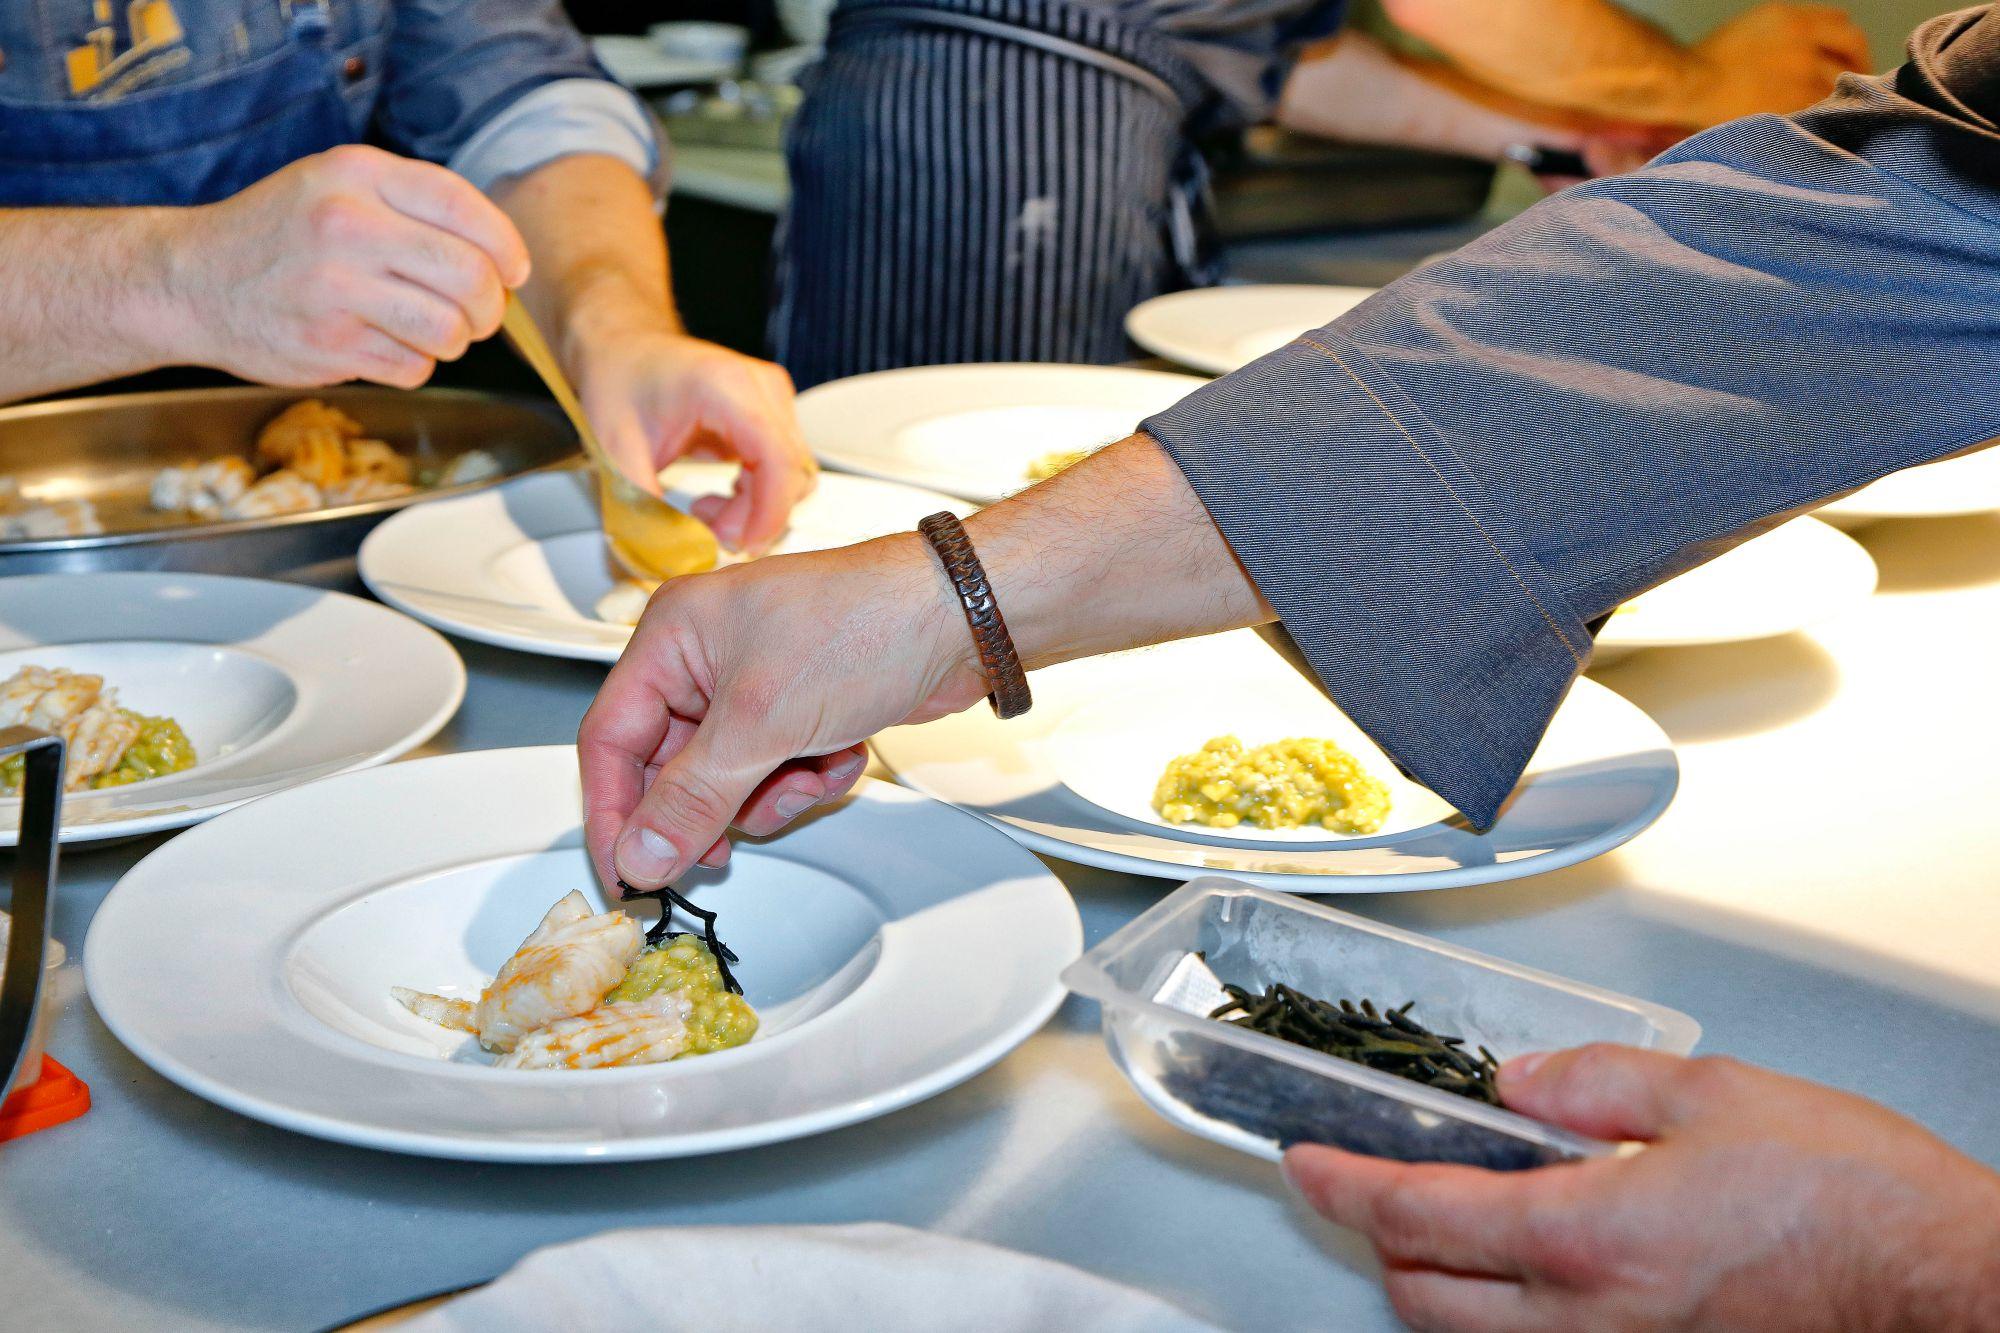 Restaurante 'Cocinandos' (León): raya a la gallega sobre arroz con plancton, algas y 'raifort'.